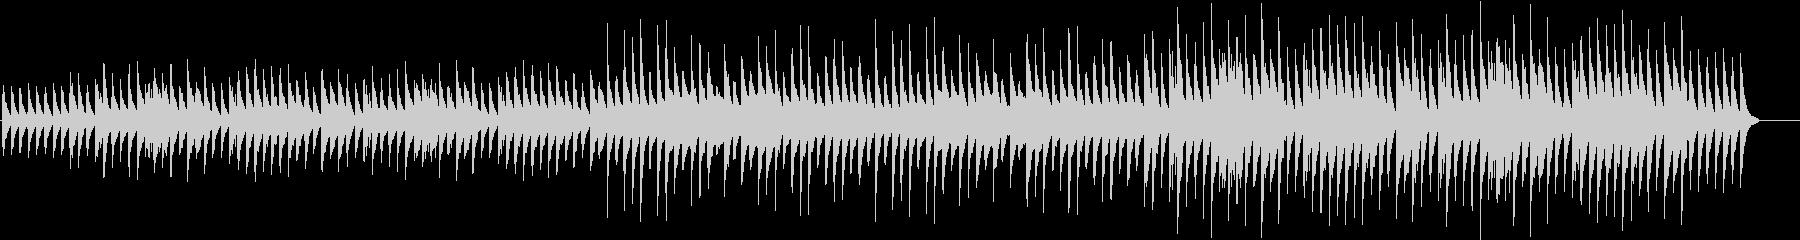 悲劇の後をイメージしたピアノソロ曲の未再生の波形